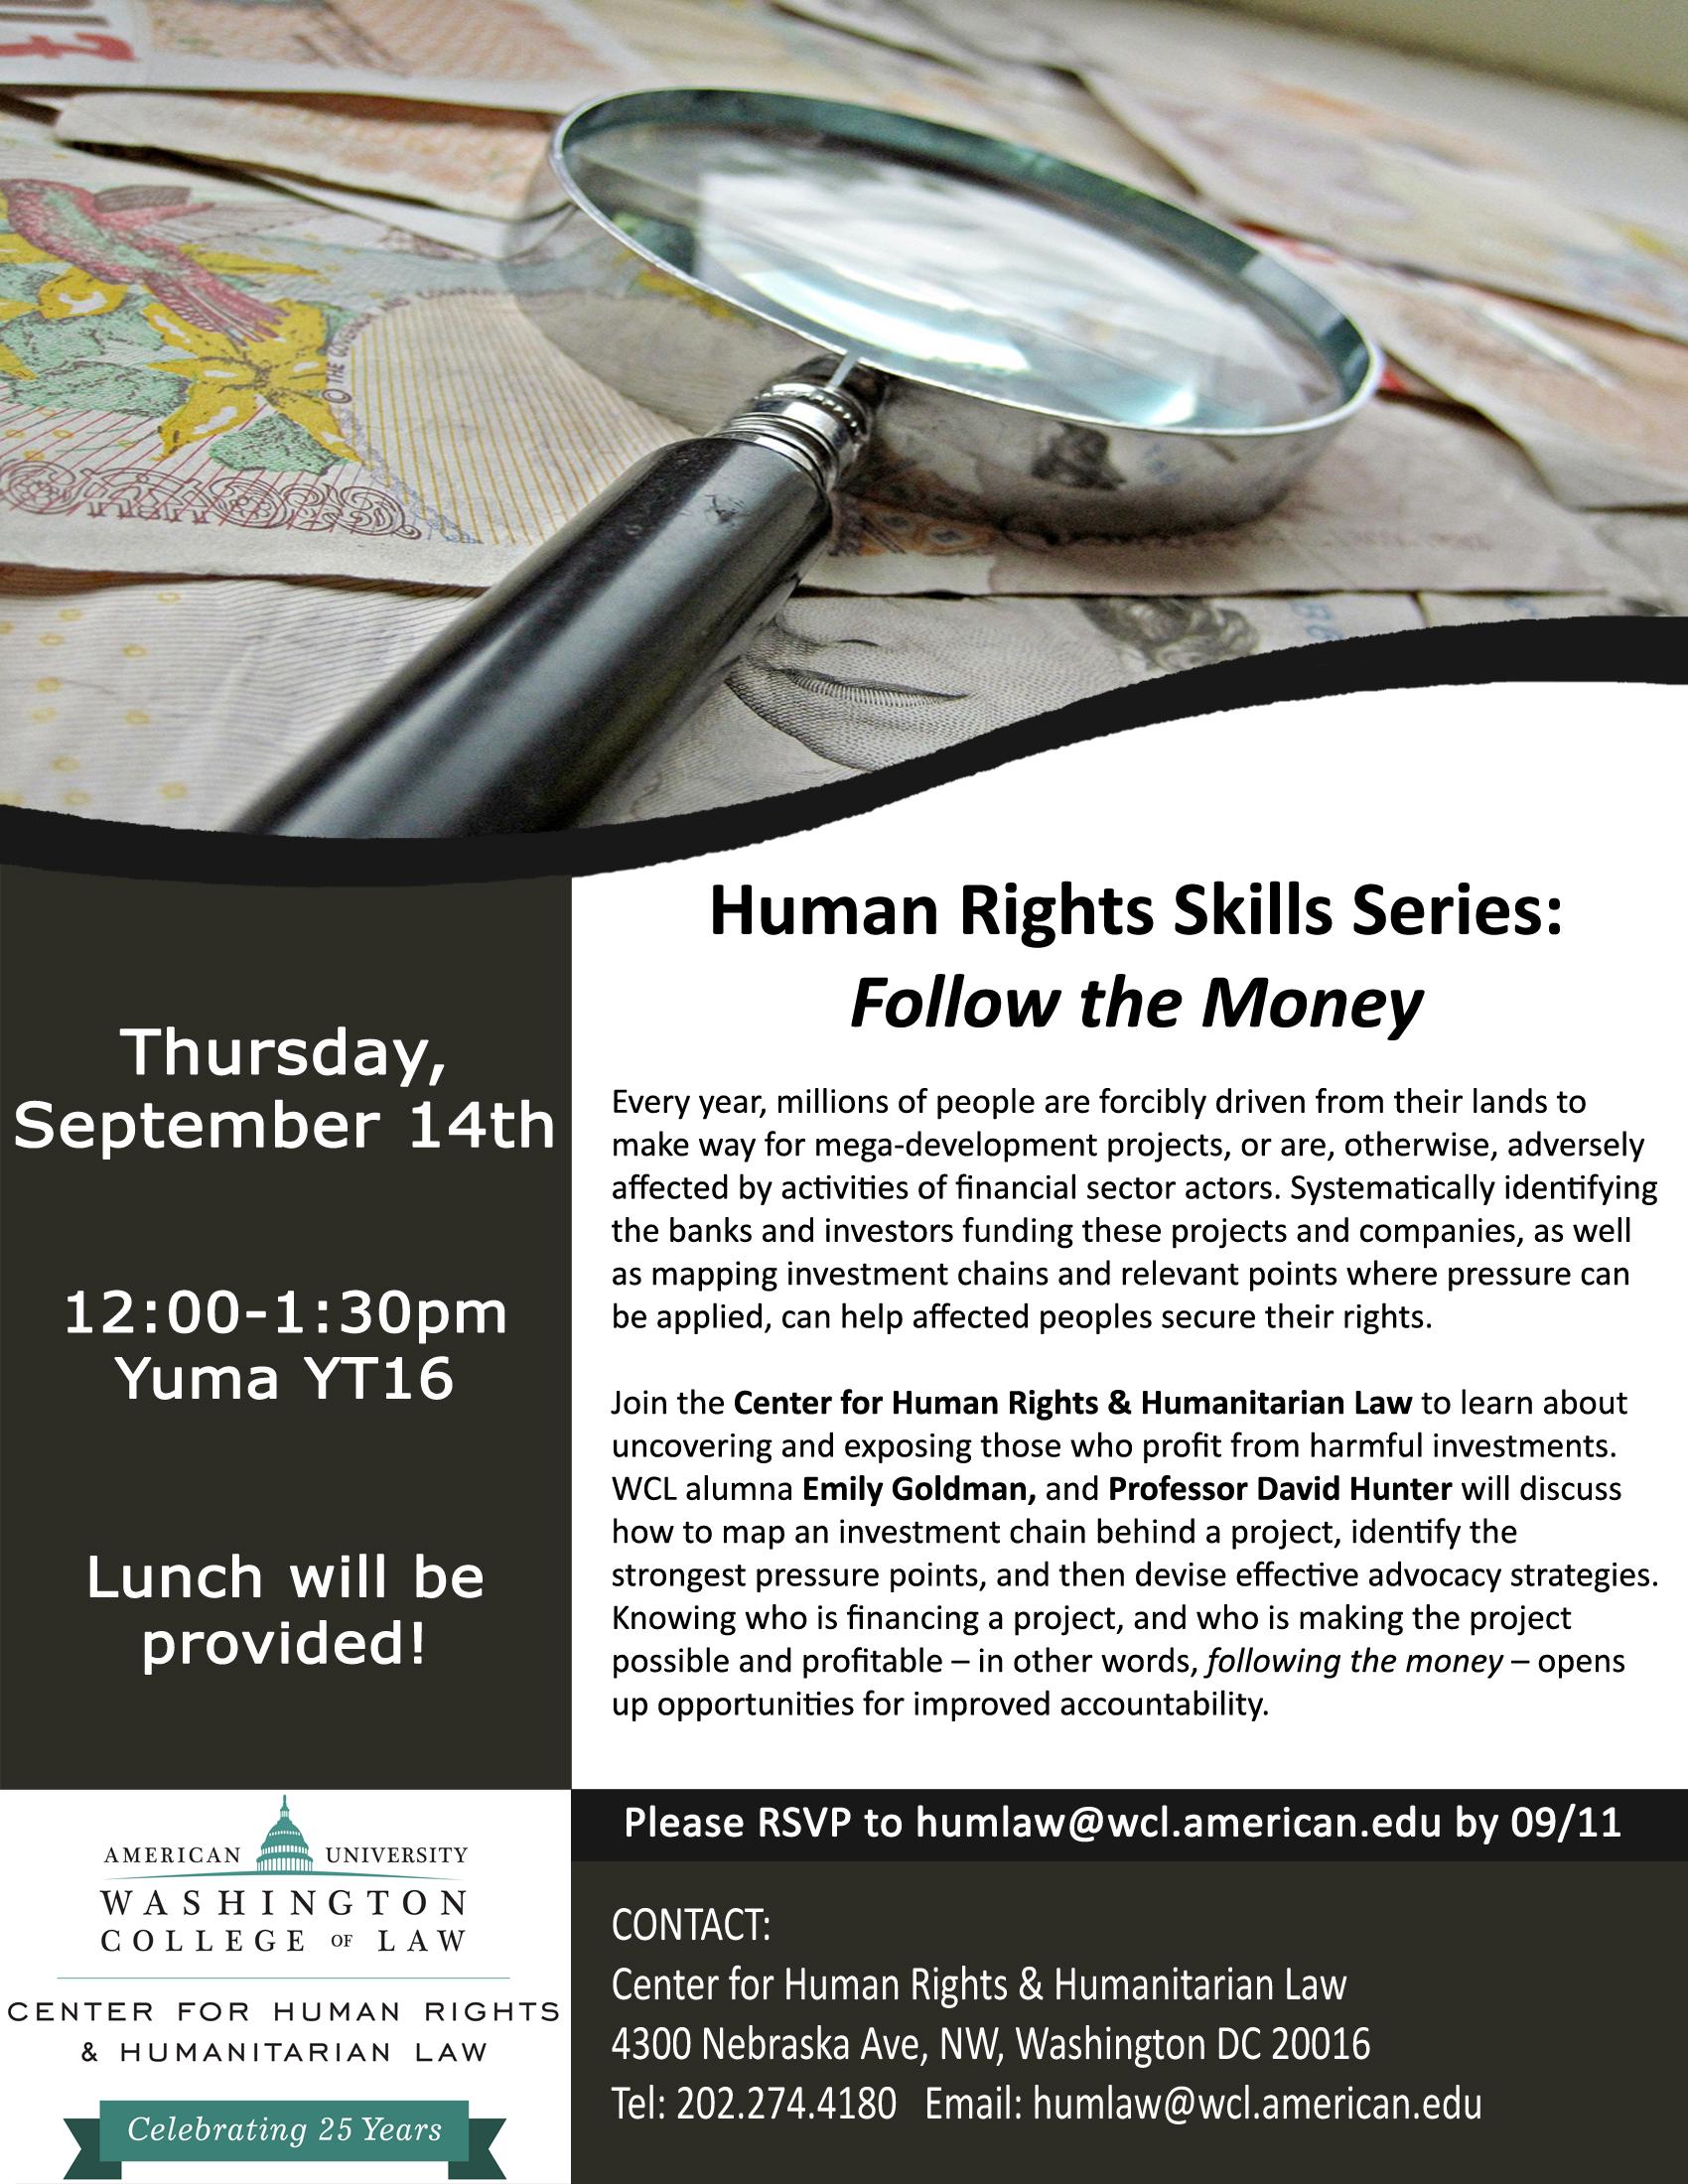 Human Rights Skills Series